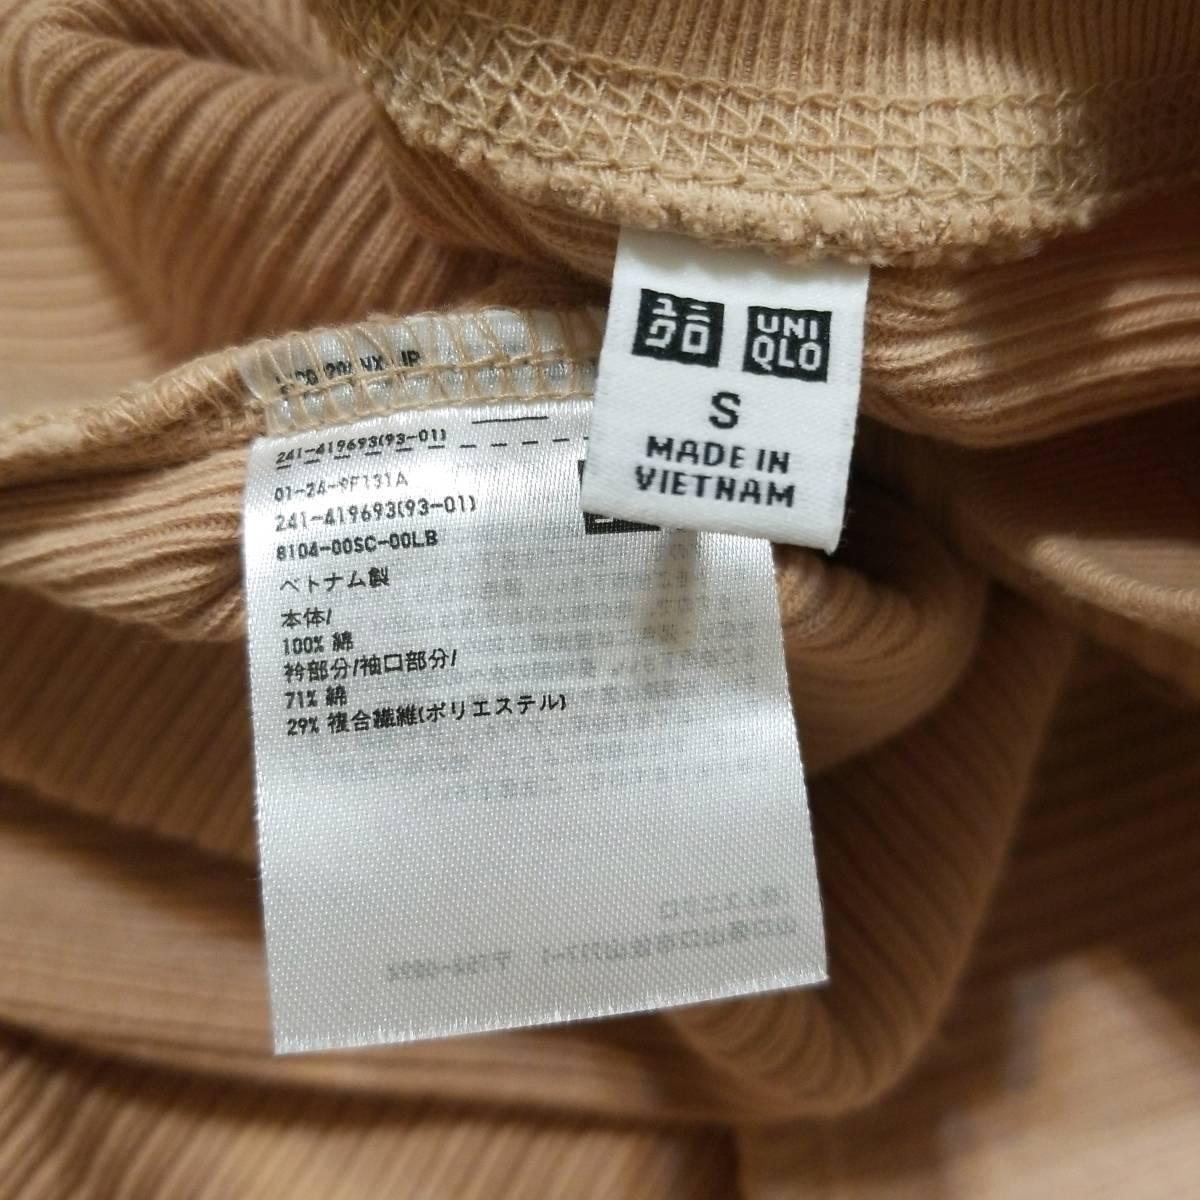 L227 UNIQLO ユニクロ コットン リブ クルーネック Tシャツ S レディース カットソー 長袖 ピンク系 ..